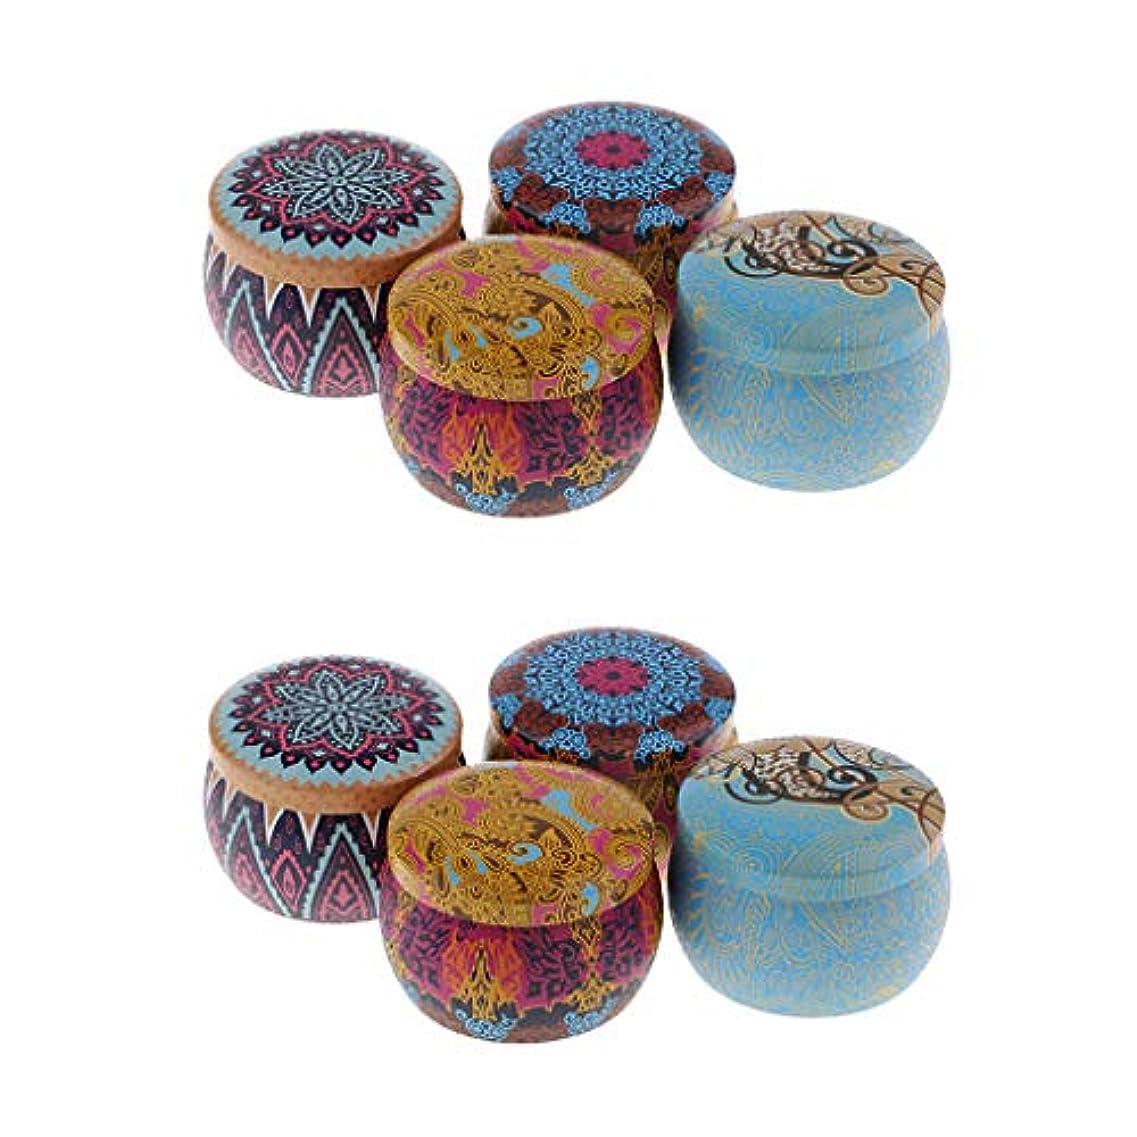 観点自殺大宇宙キャンドル アロマ 缶 香りキャンドル 携帯用 家庭 オフィス 教会 8個セット